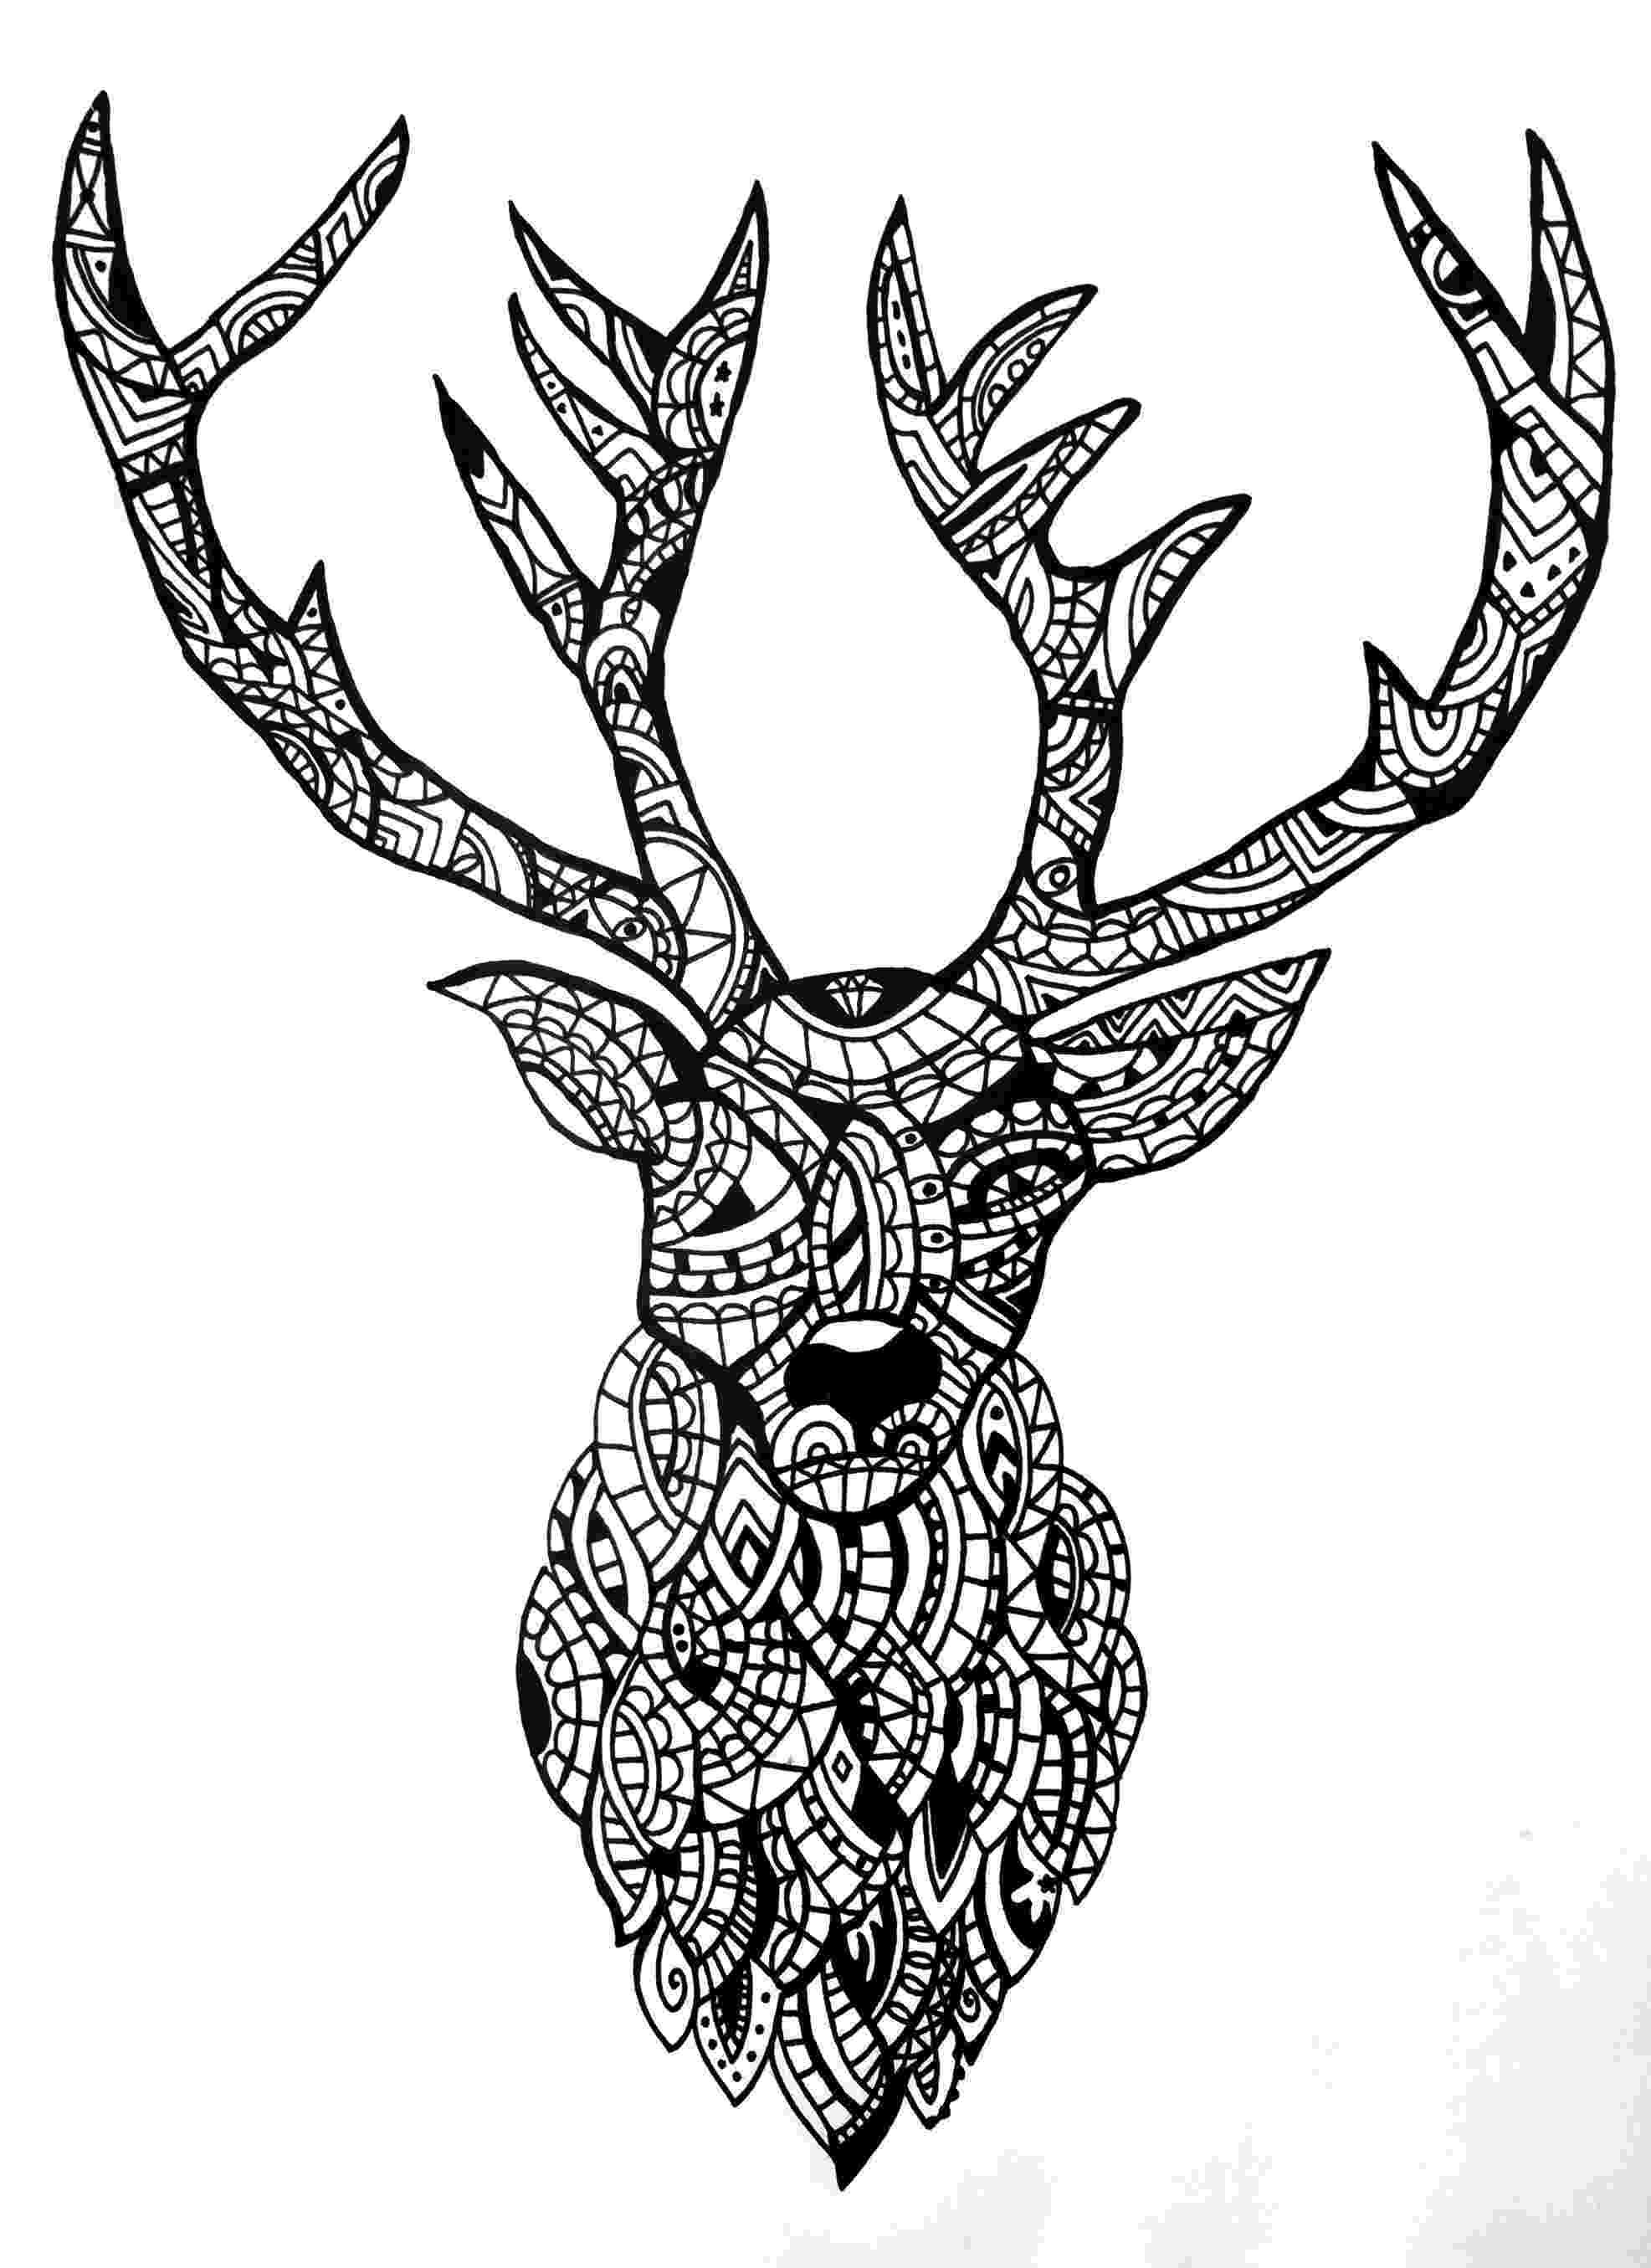 deer zentangle oh deer by cecilie wilsborg 2015 zentangle drawings deer zentangle